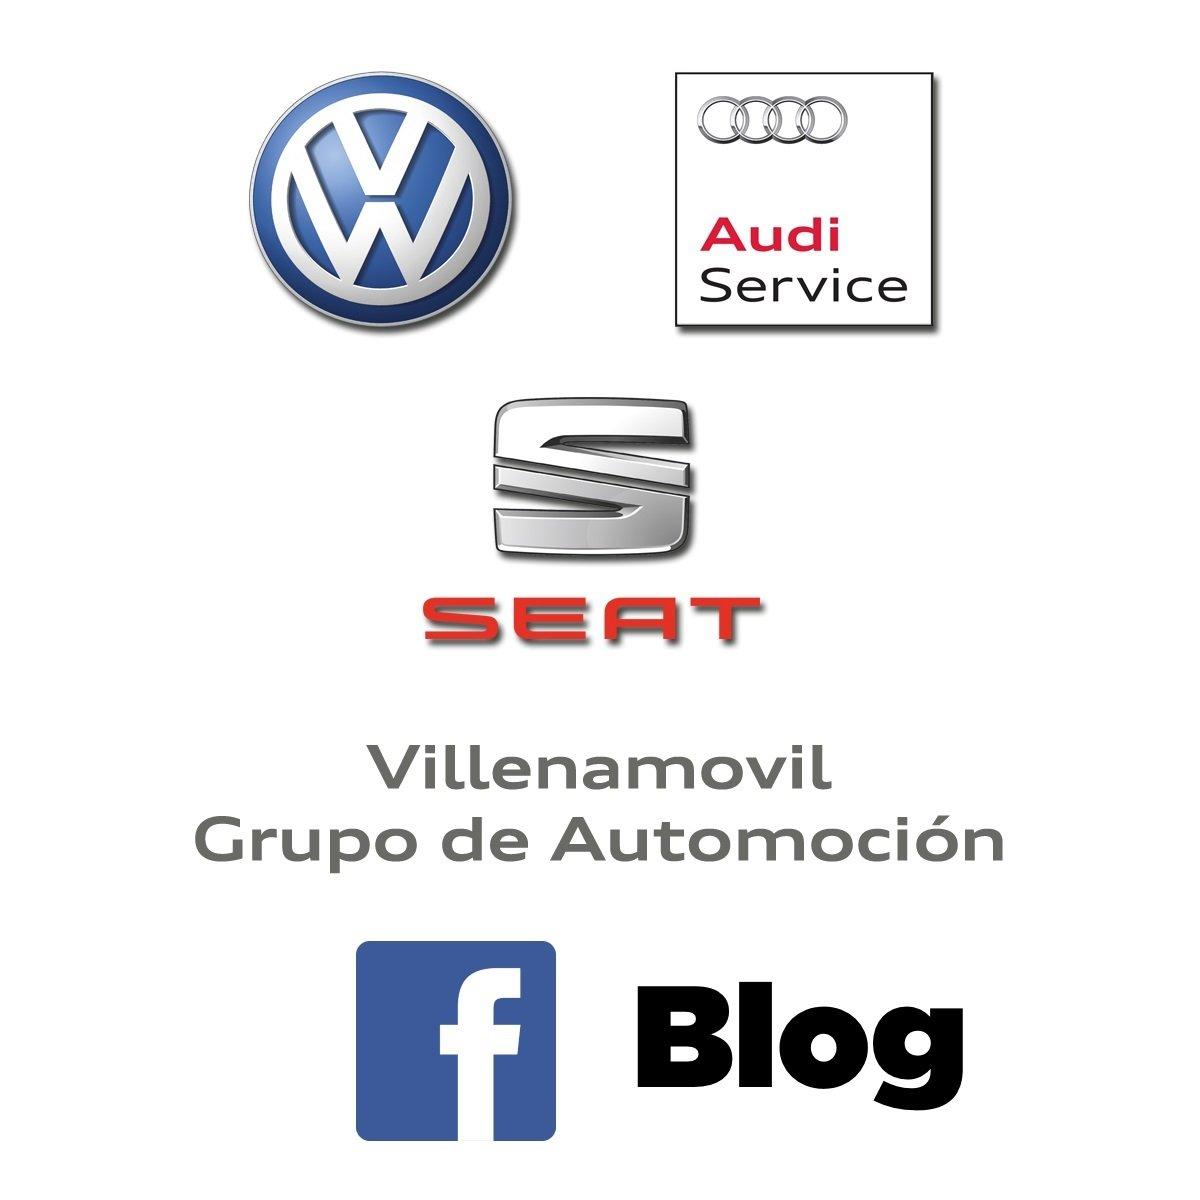 Villenamovil - Blog y Facebook